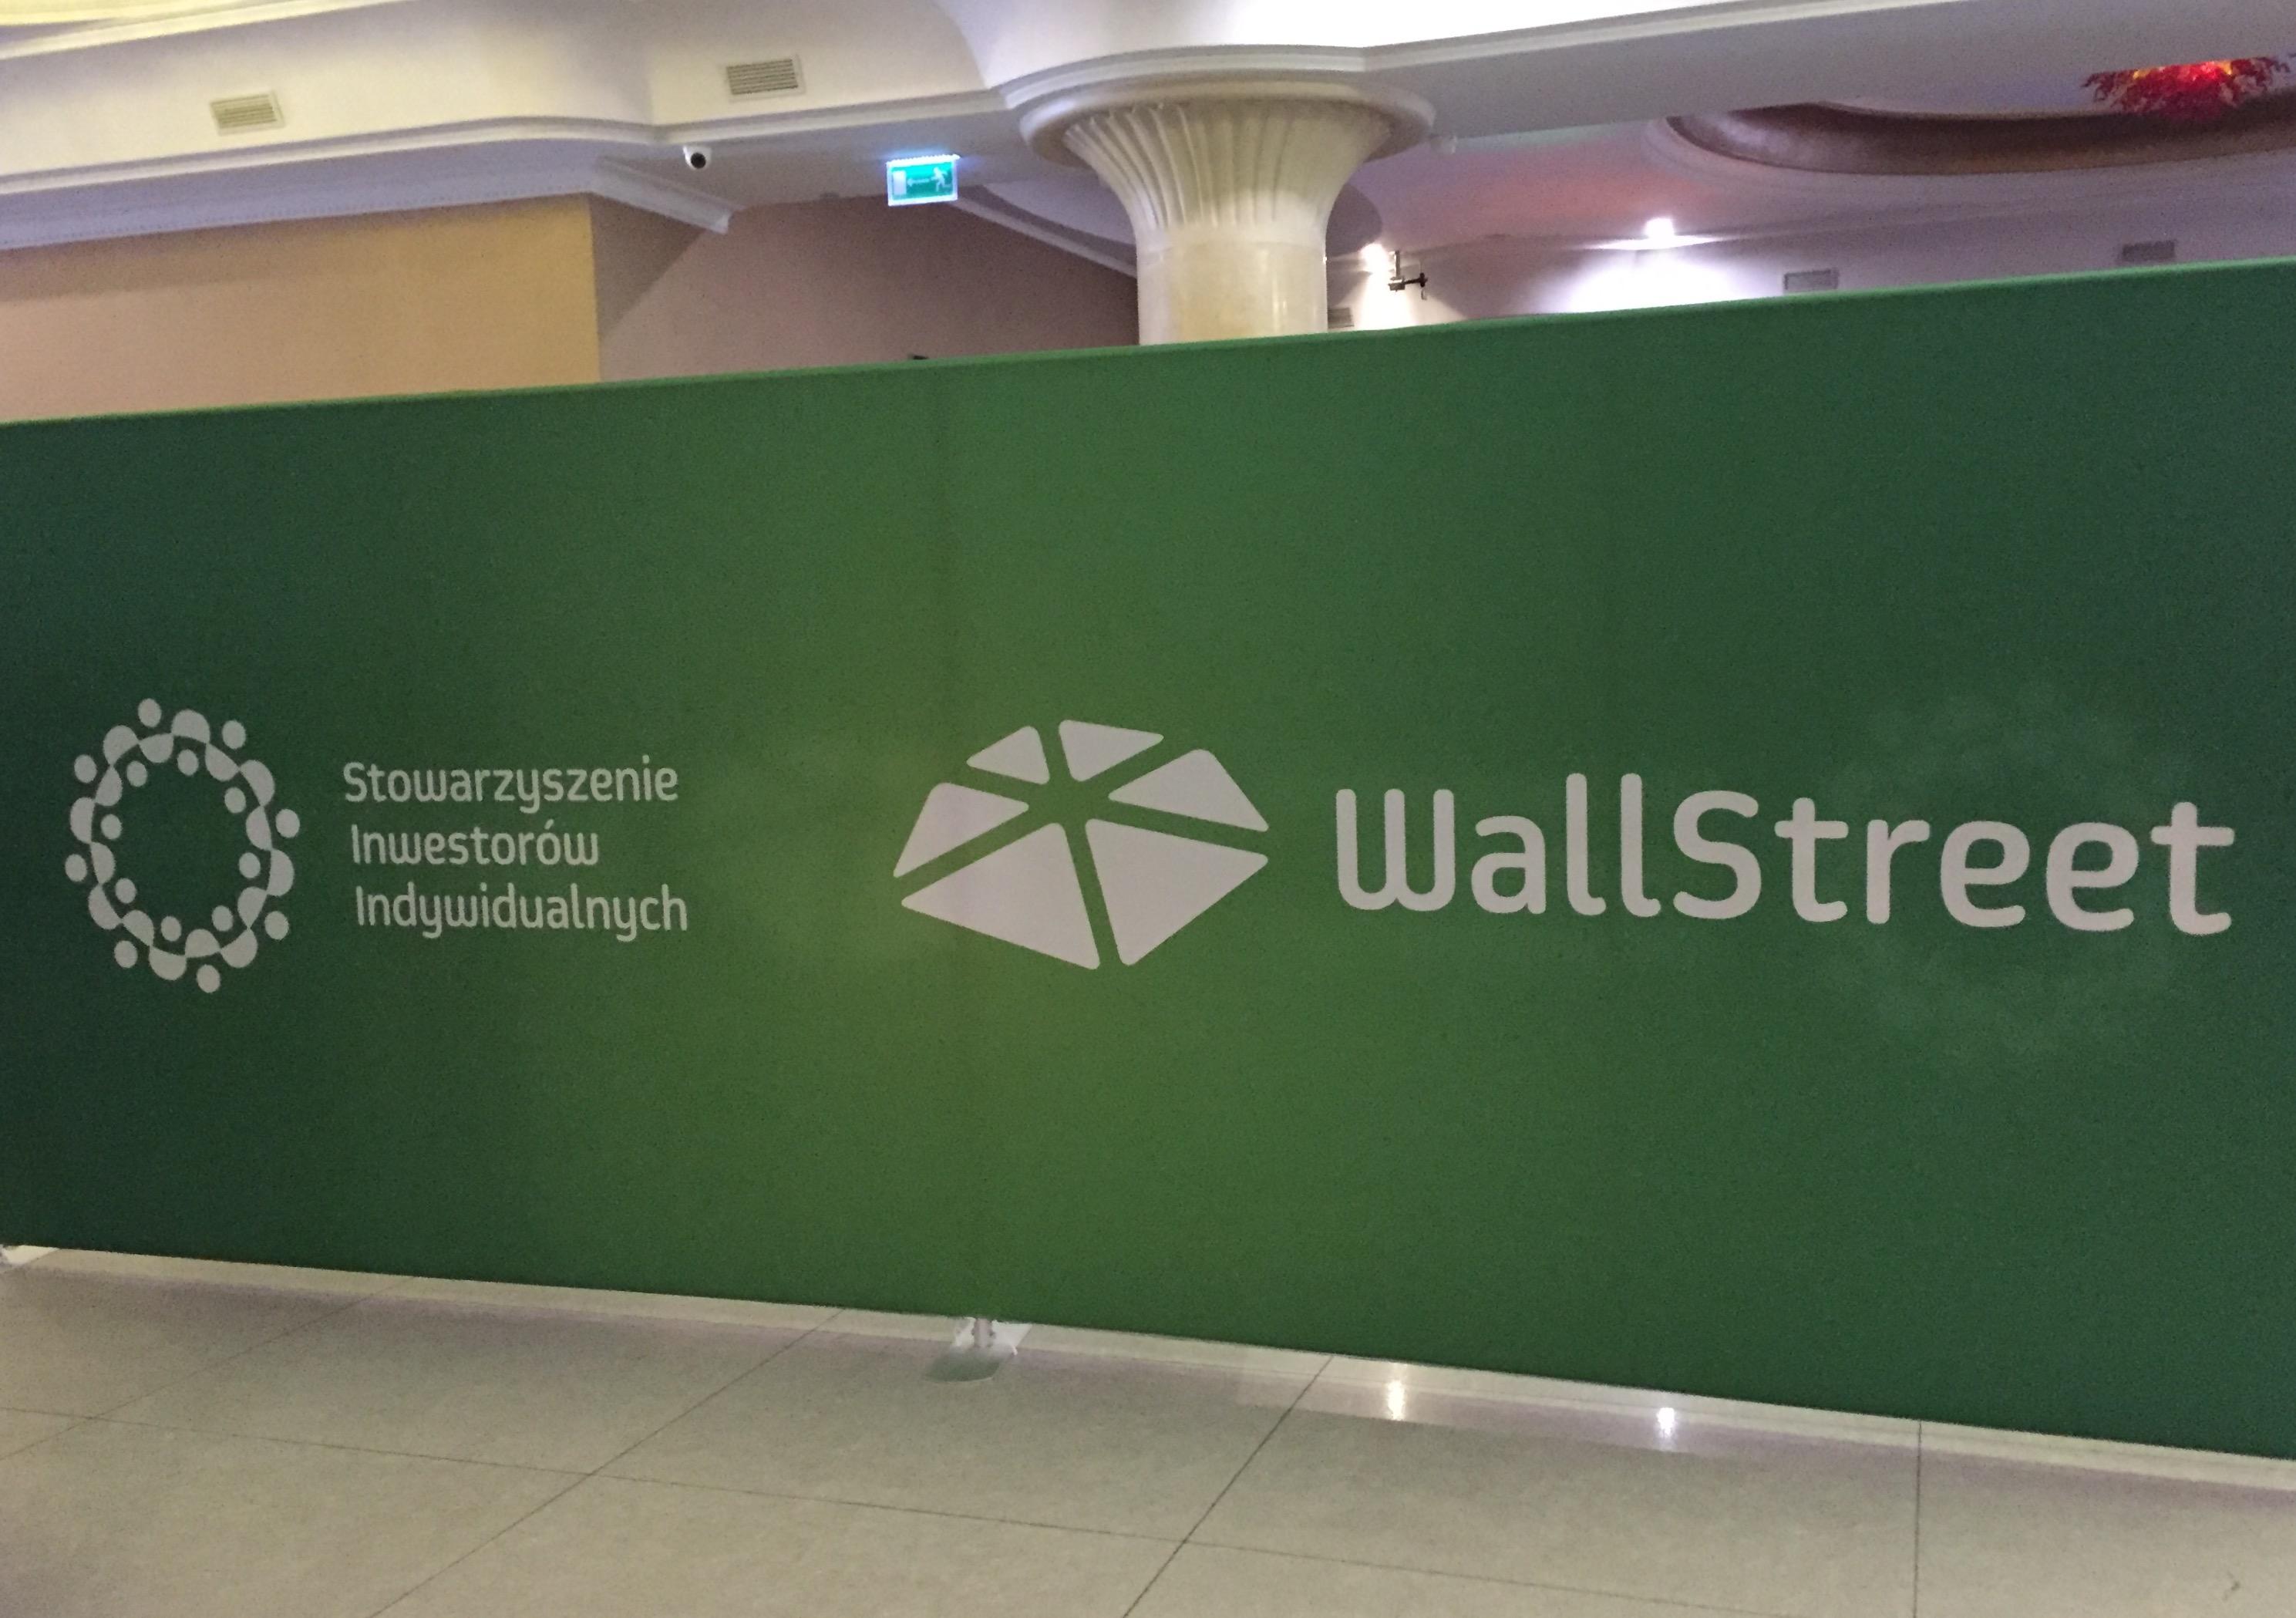 Relacja z Konferencji Wall Street 22 – czy warto?